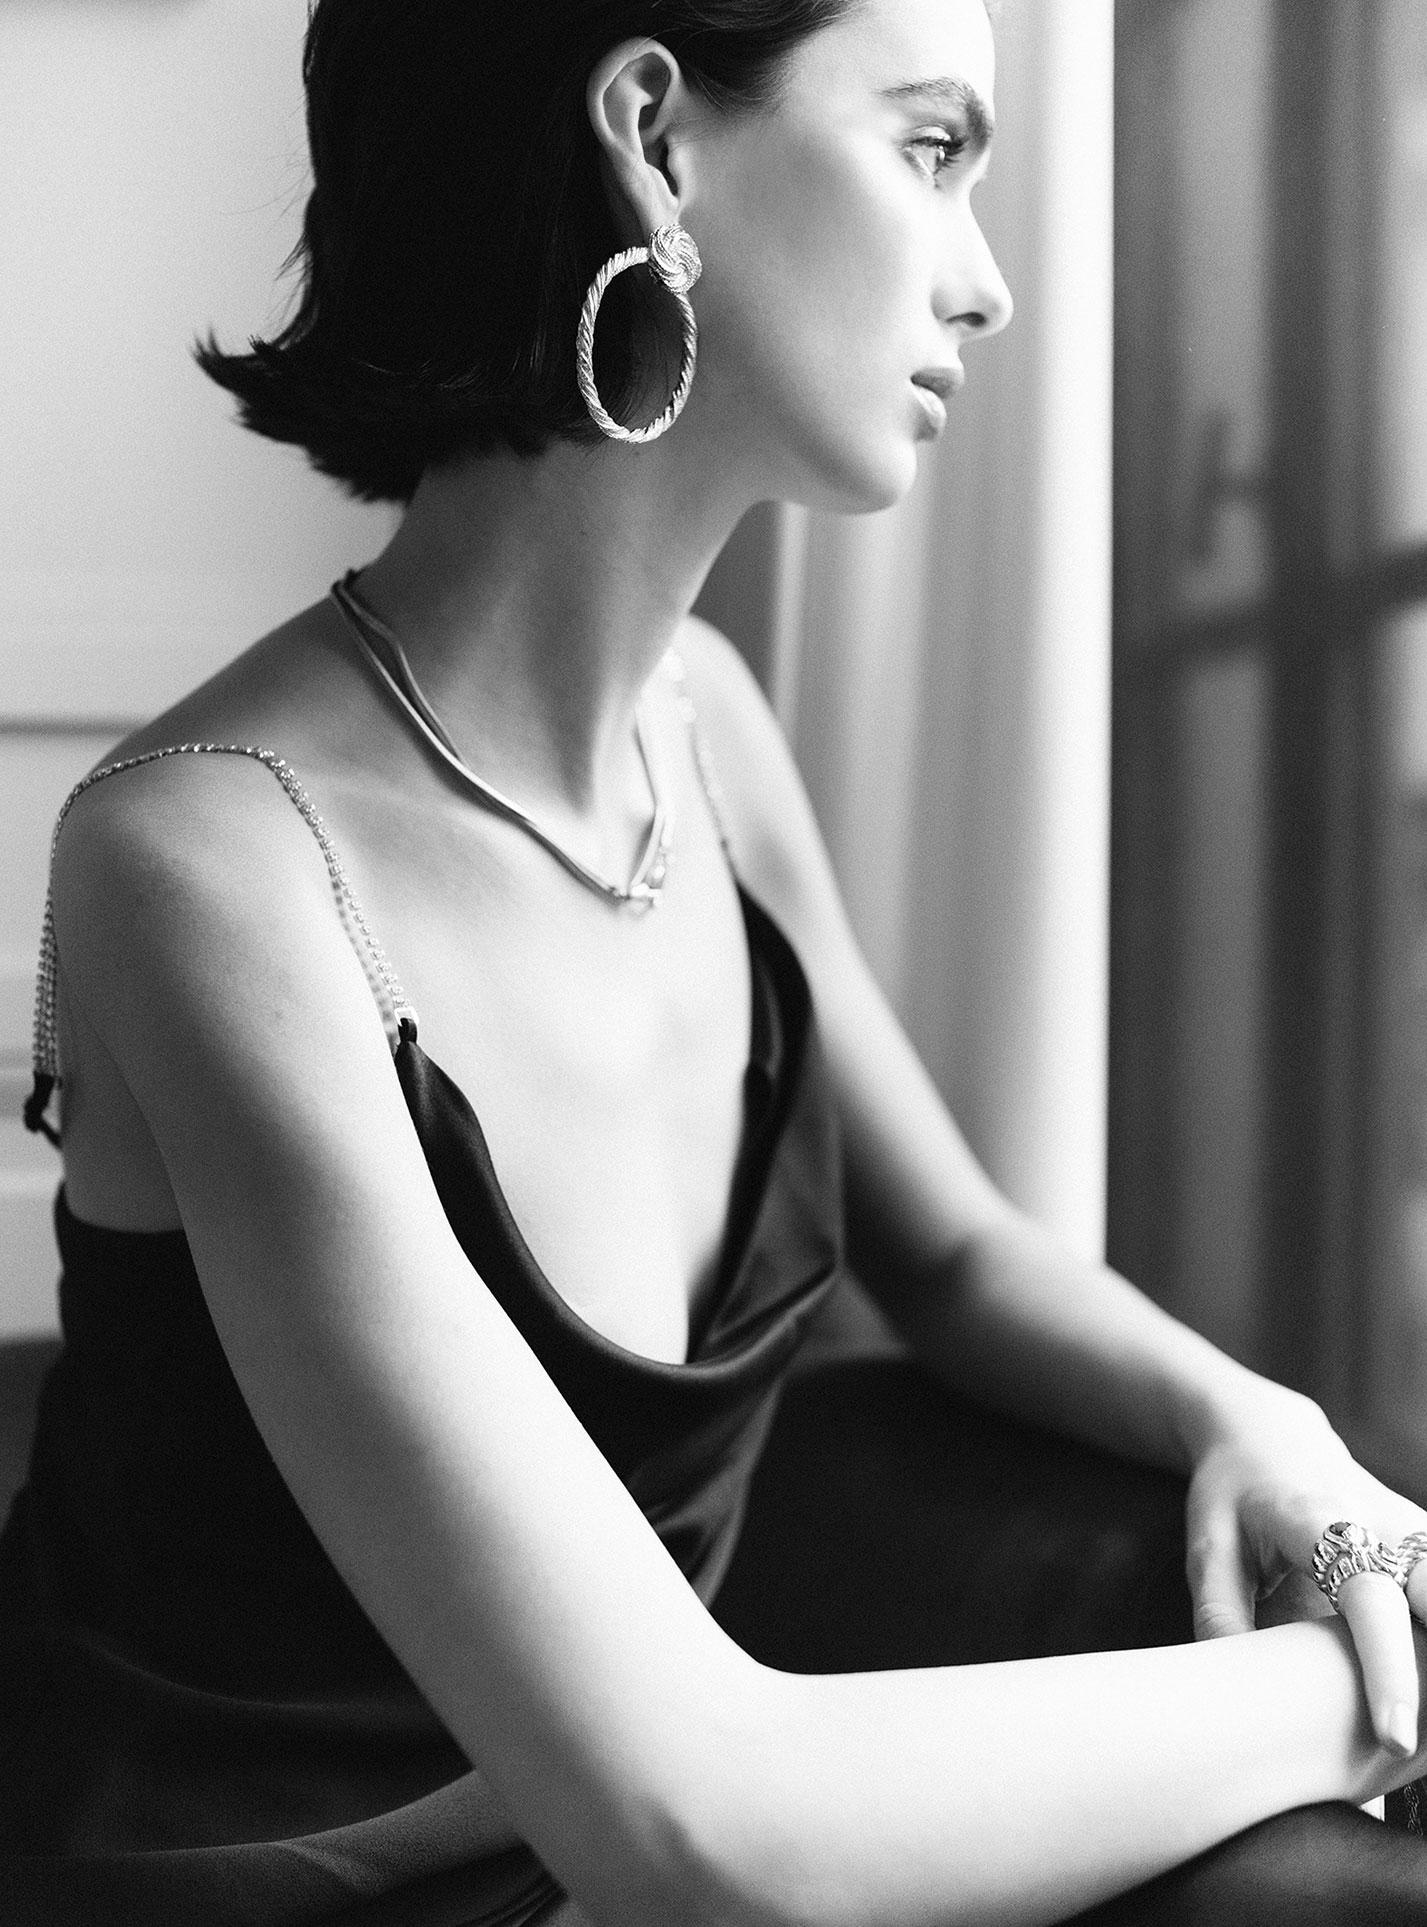 рекламная кампания парижского ювелирного бренда Bonanza / фото 15